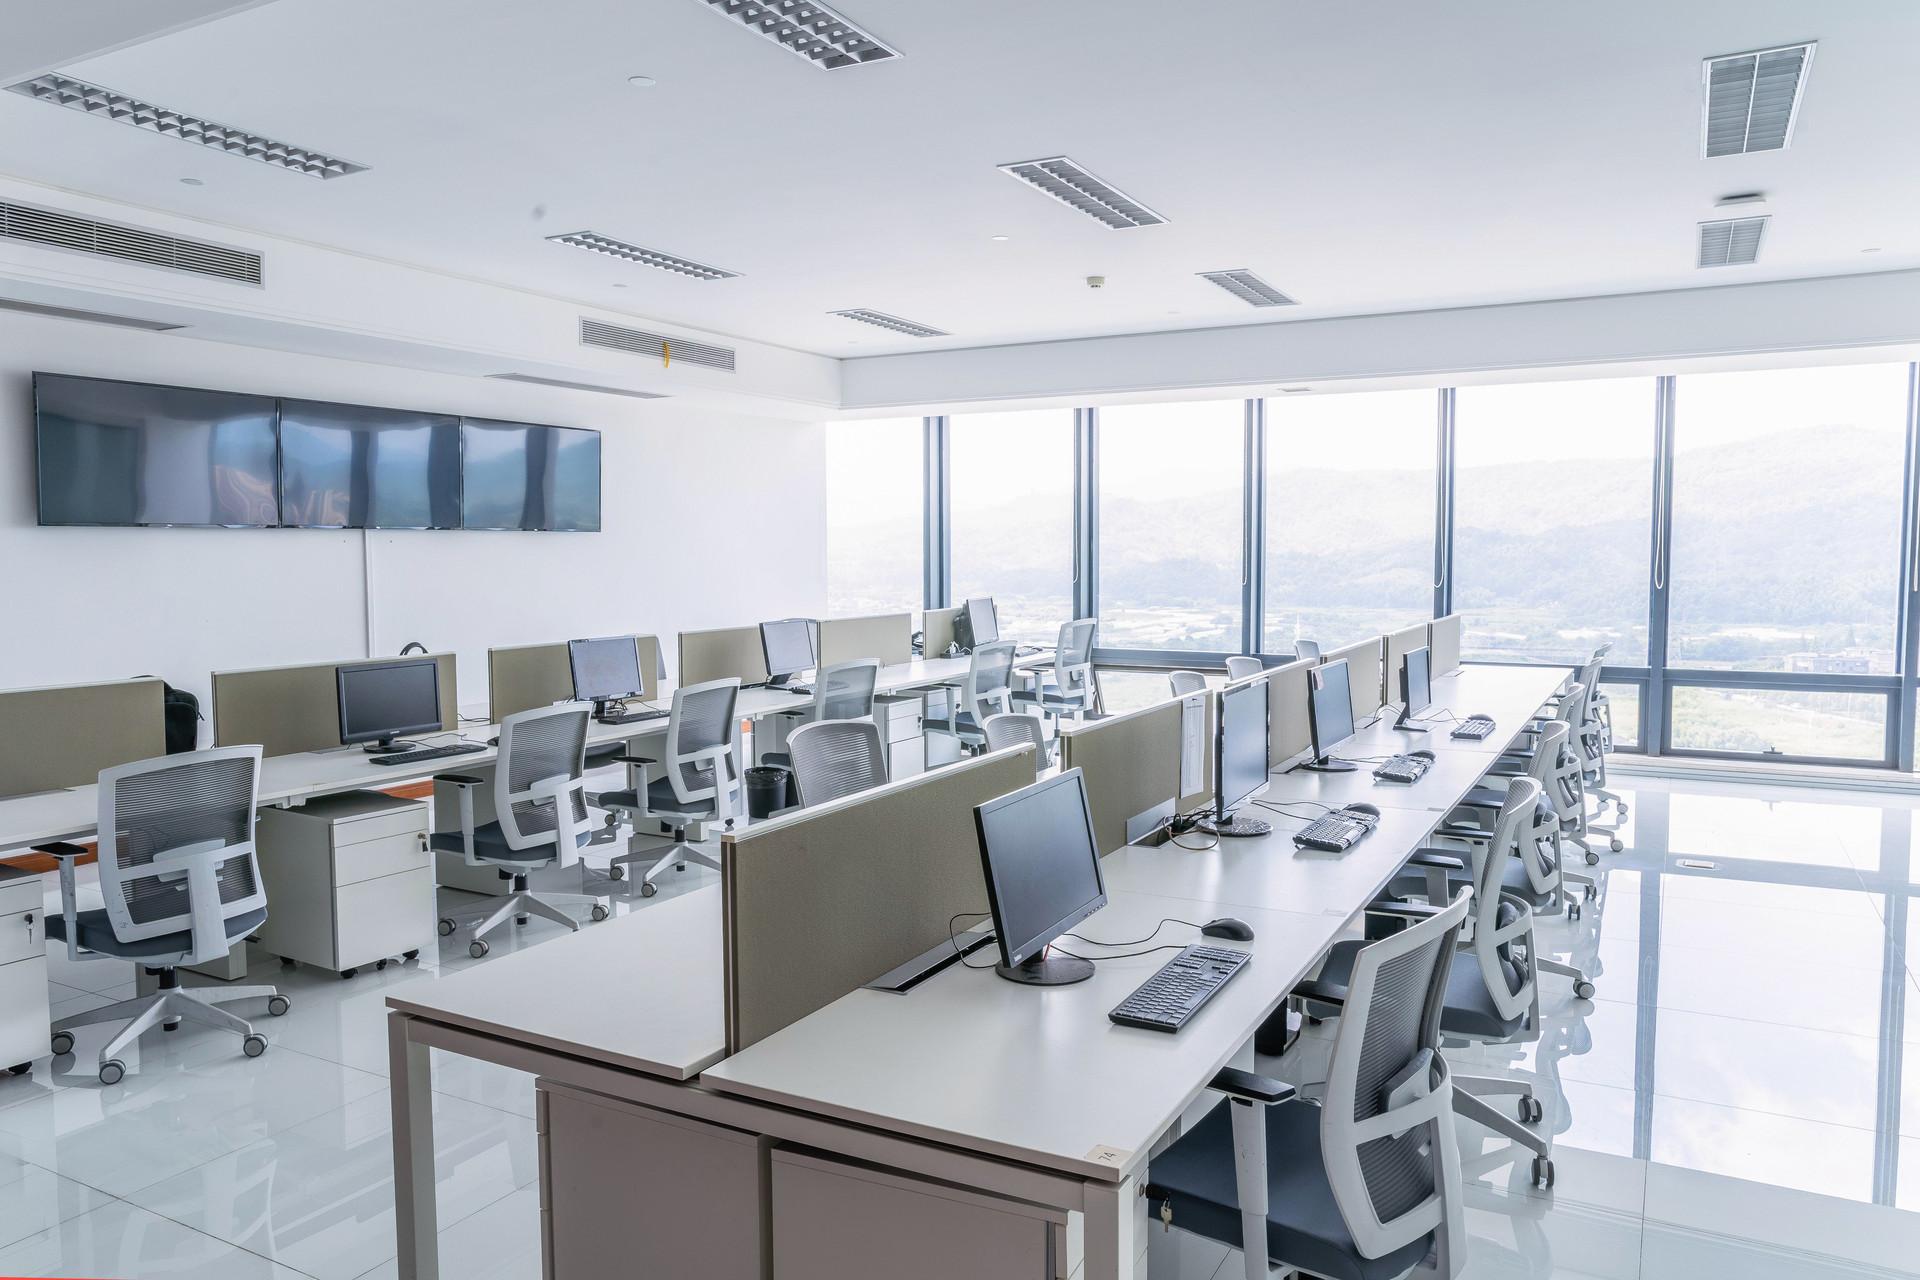 苏州社保代缴帮助企业合理优化资源 助力企业管理更上一层楼